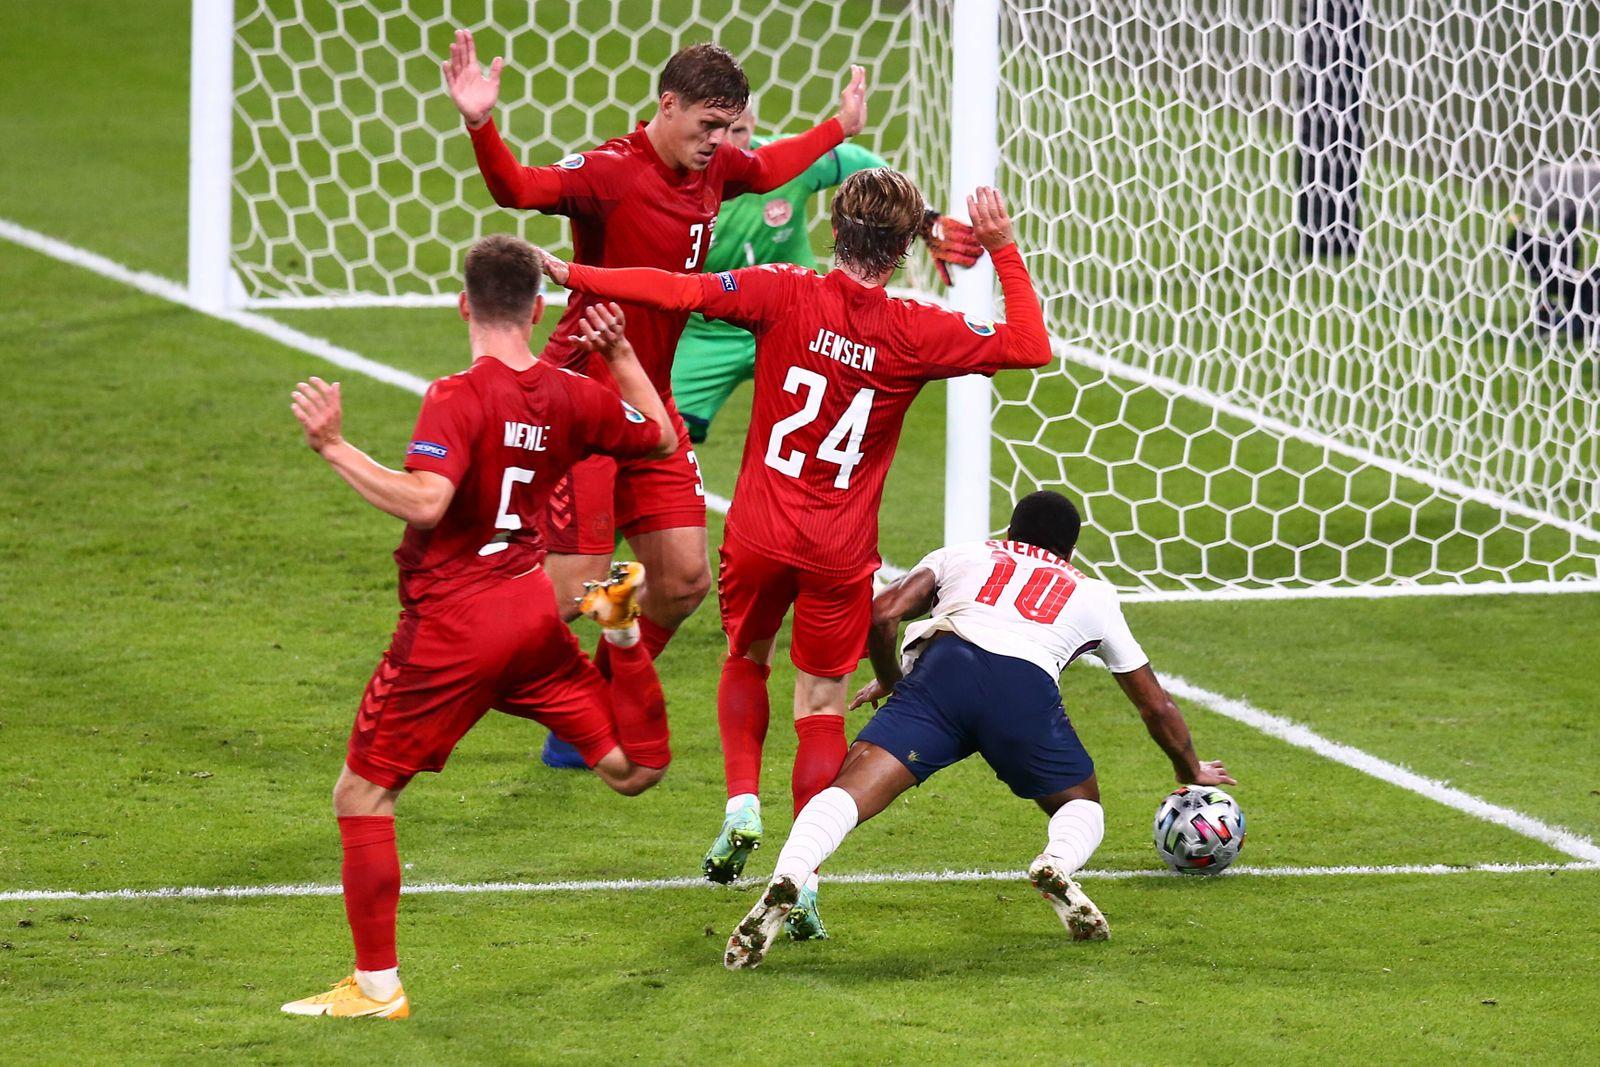 SOCCER - UEFA EURO, EM, Europameisterschaft,Fussball 2020, ENG vs DEN LONDON,ENGLAND,07.JUL.21 - SOCCER - UEFA European